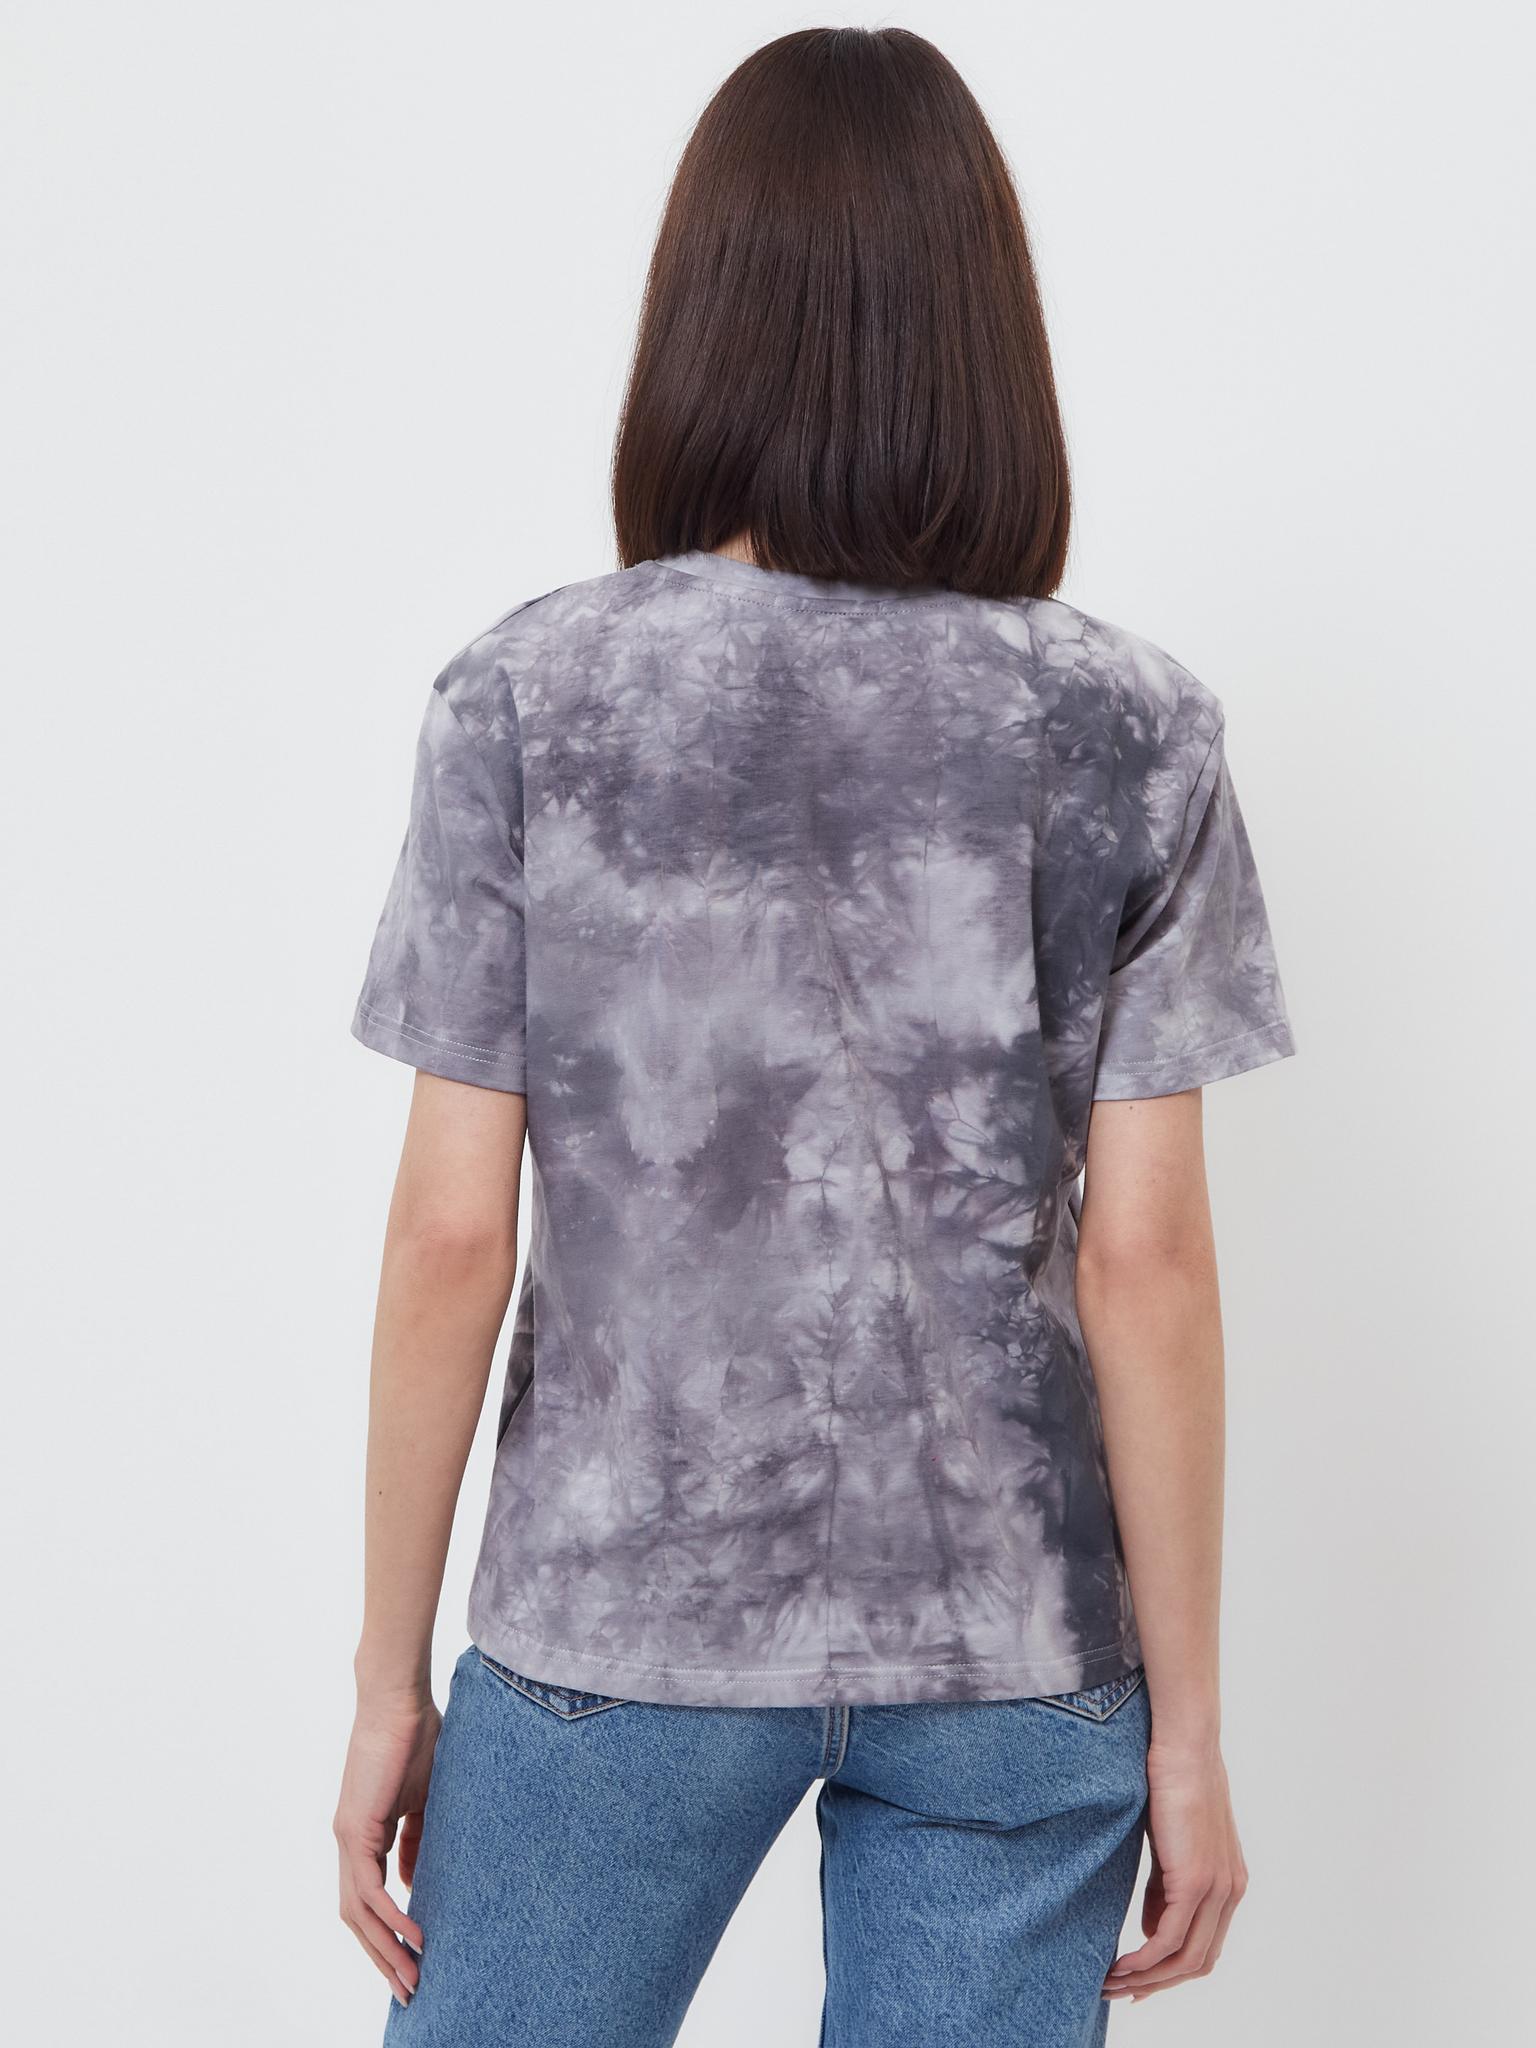 Классическая женская футболка Brandmania в модной расцветке тай-дай